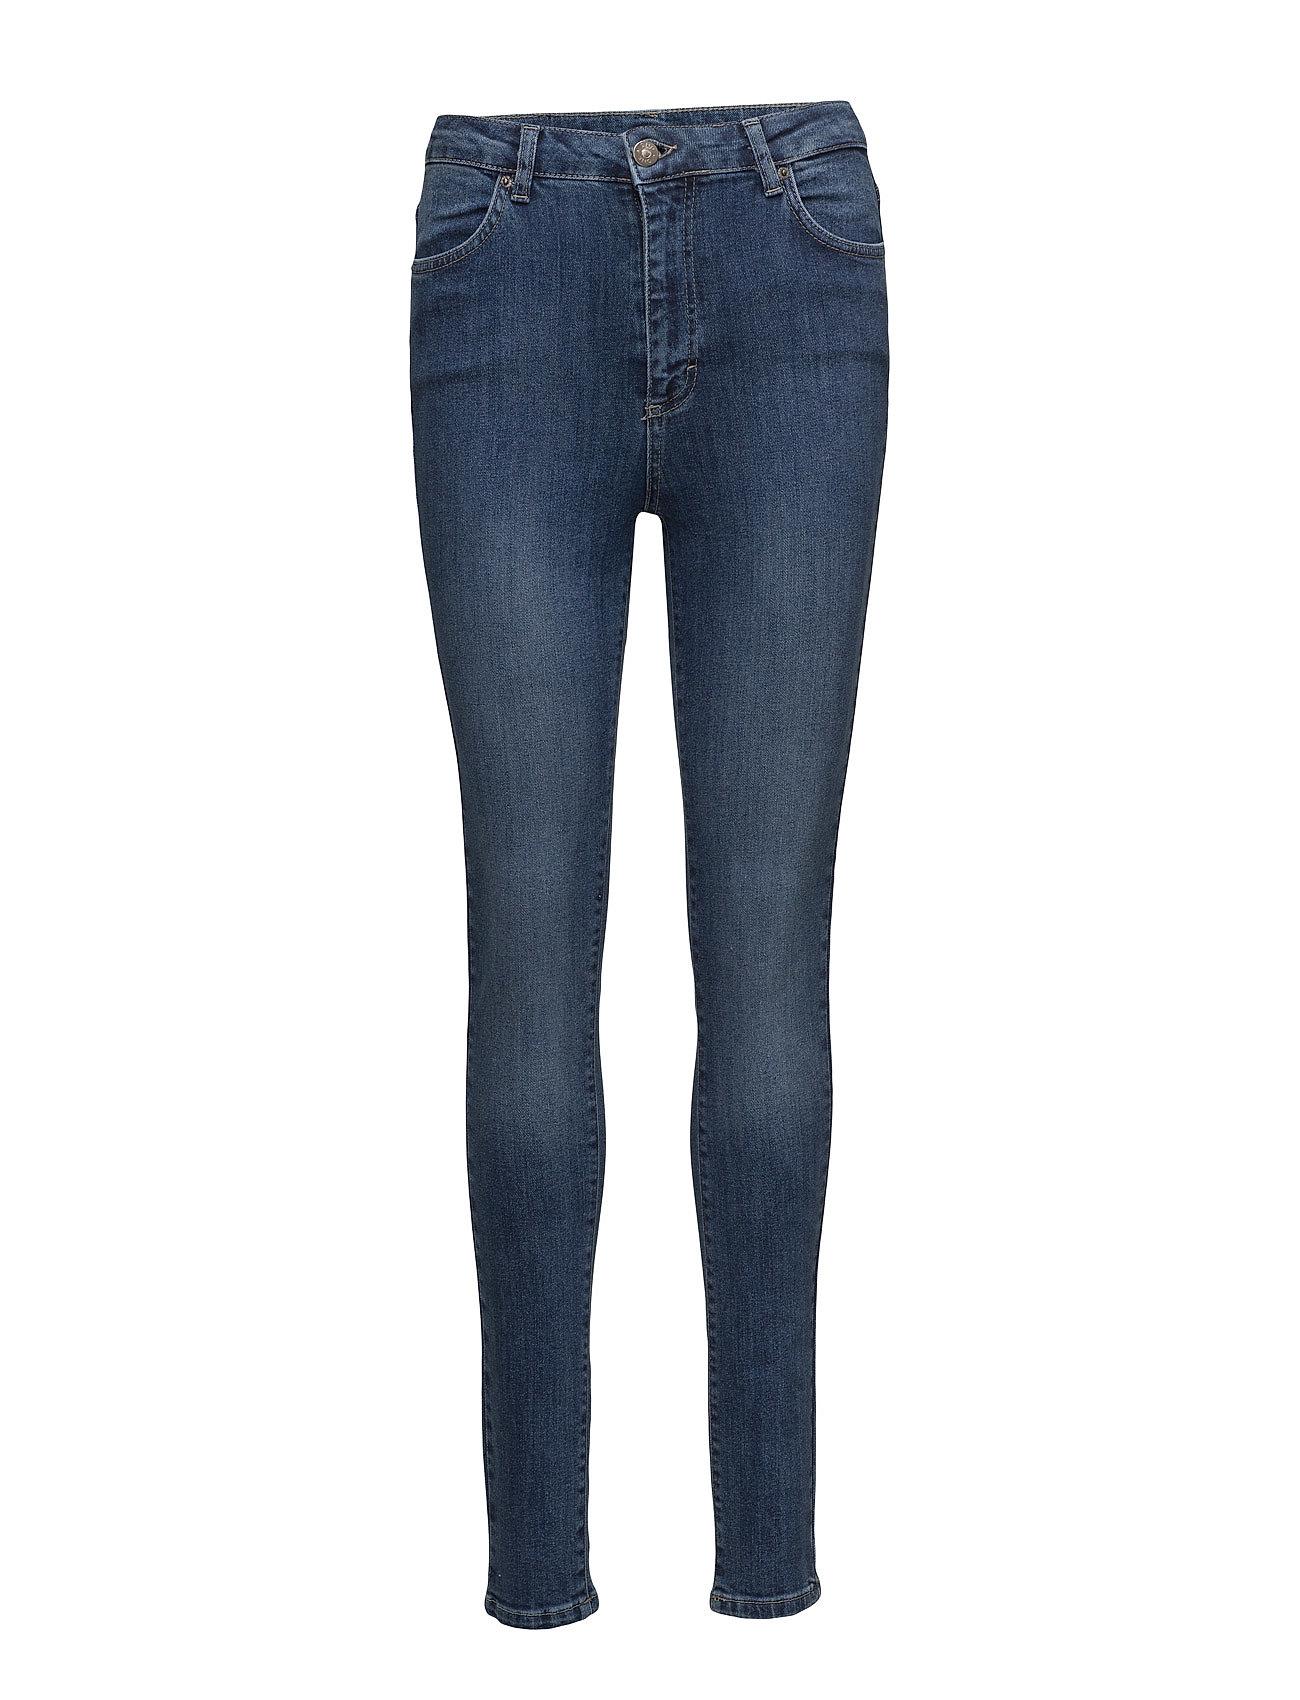 Amy 828 dark bliss, jeans fra 2nd one fra boozt.com dk